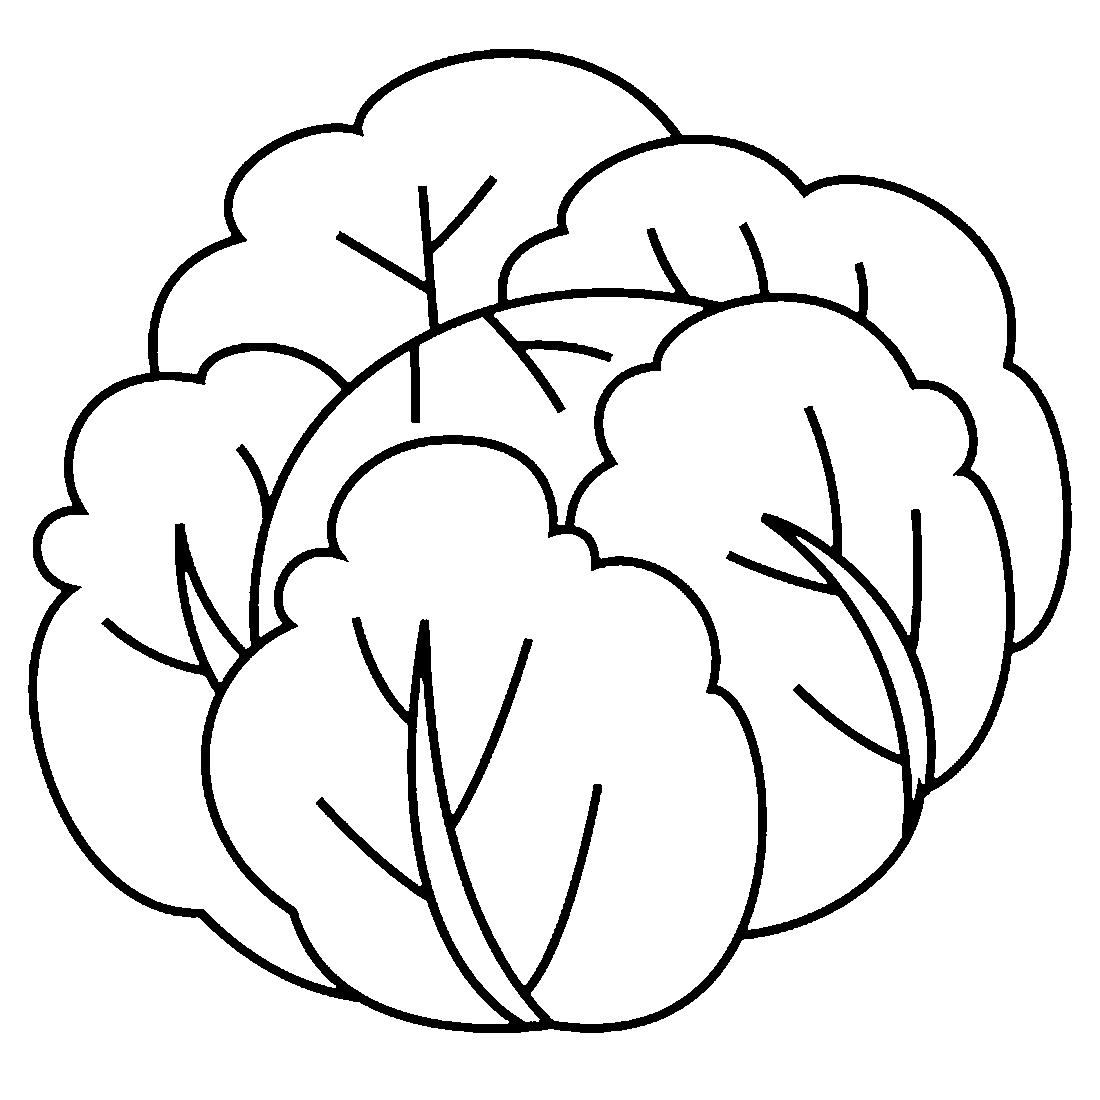 Картинки для детей карандашом капуста